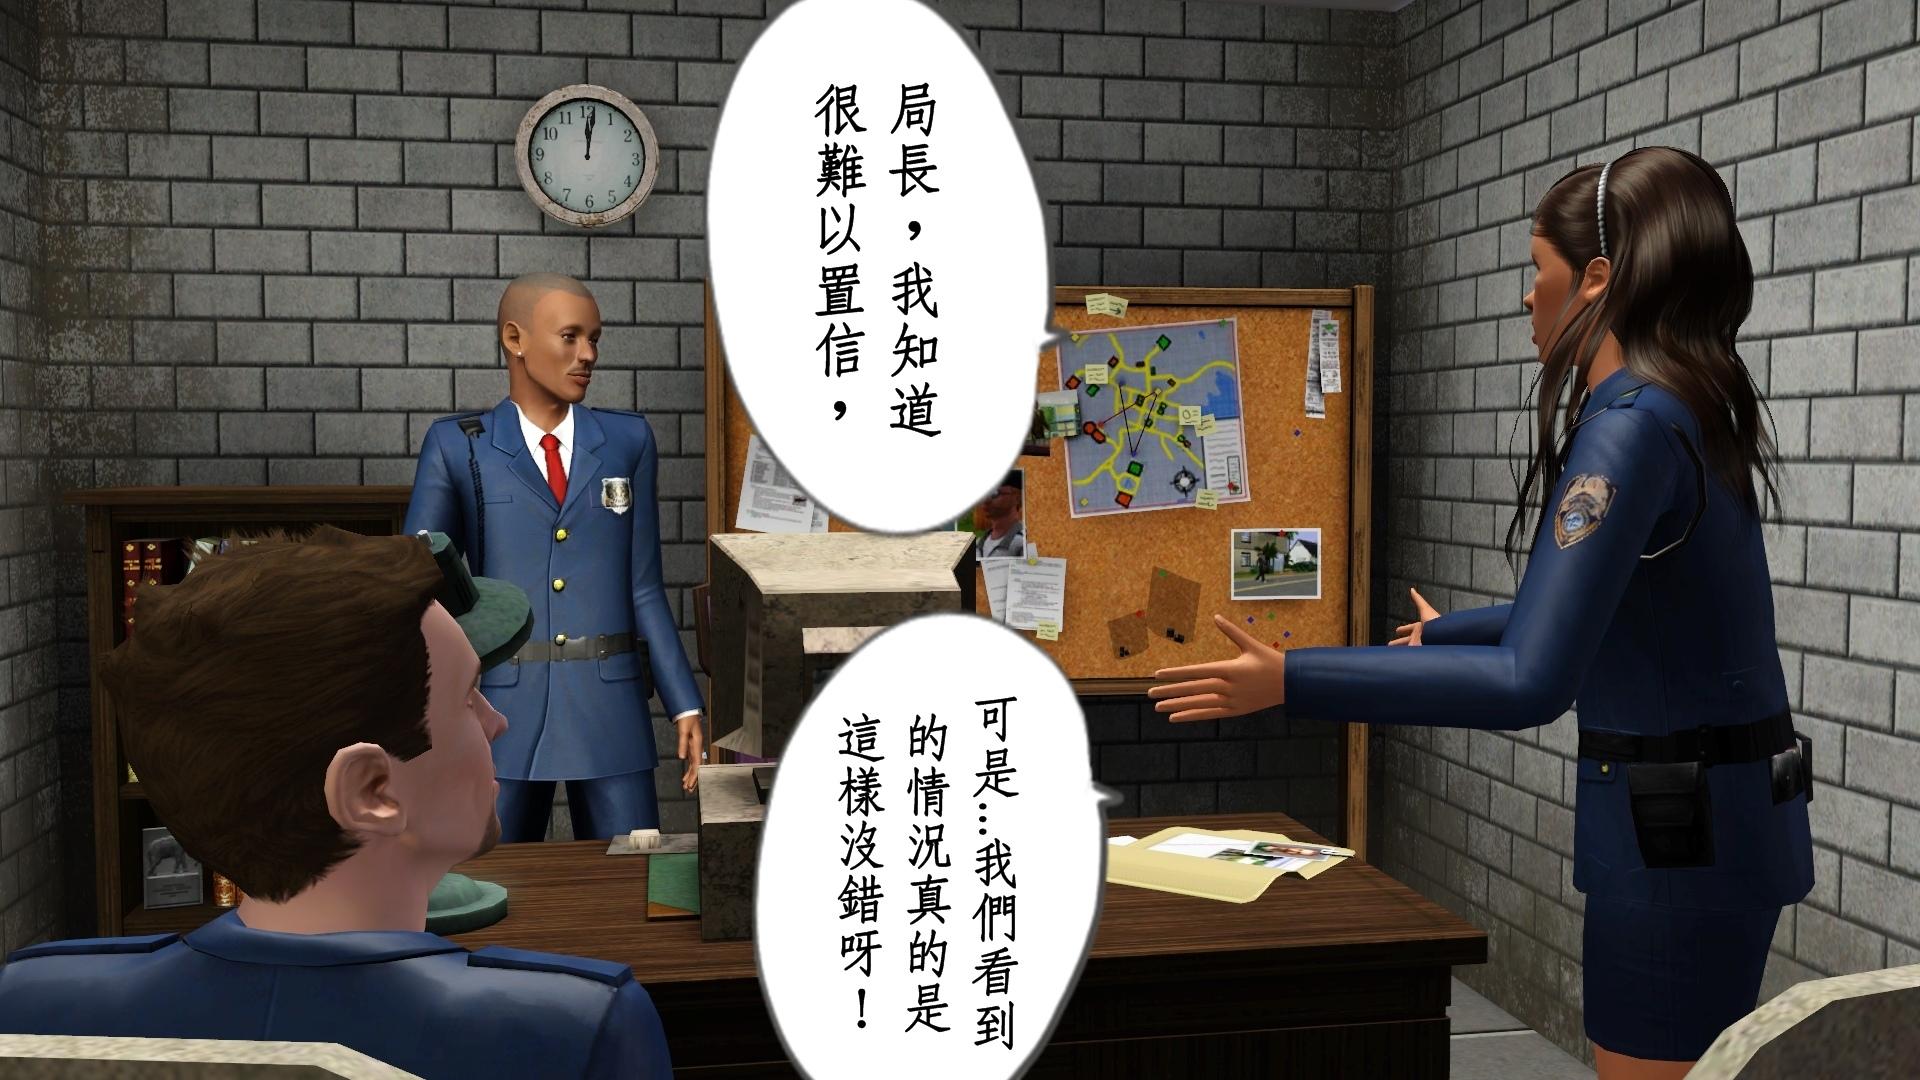 C06可是局長,總總線索顯示就是這樣呀!.jpg